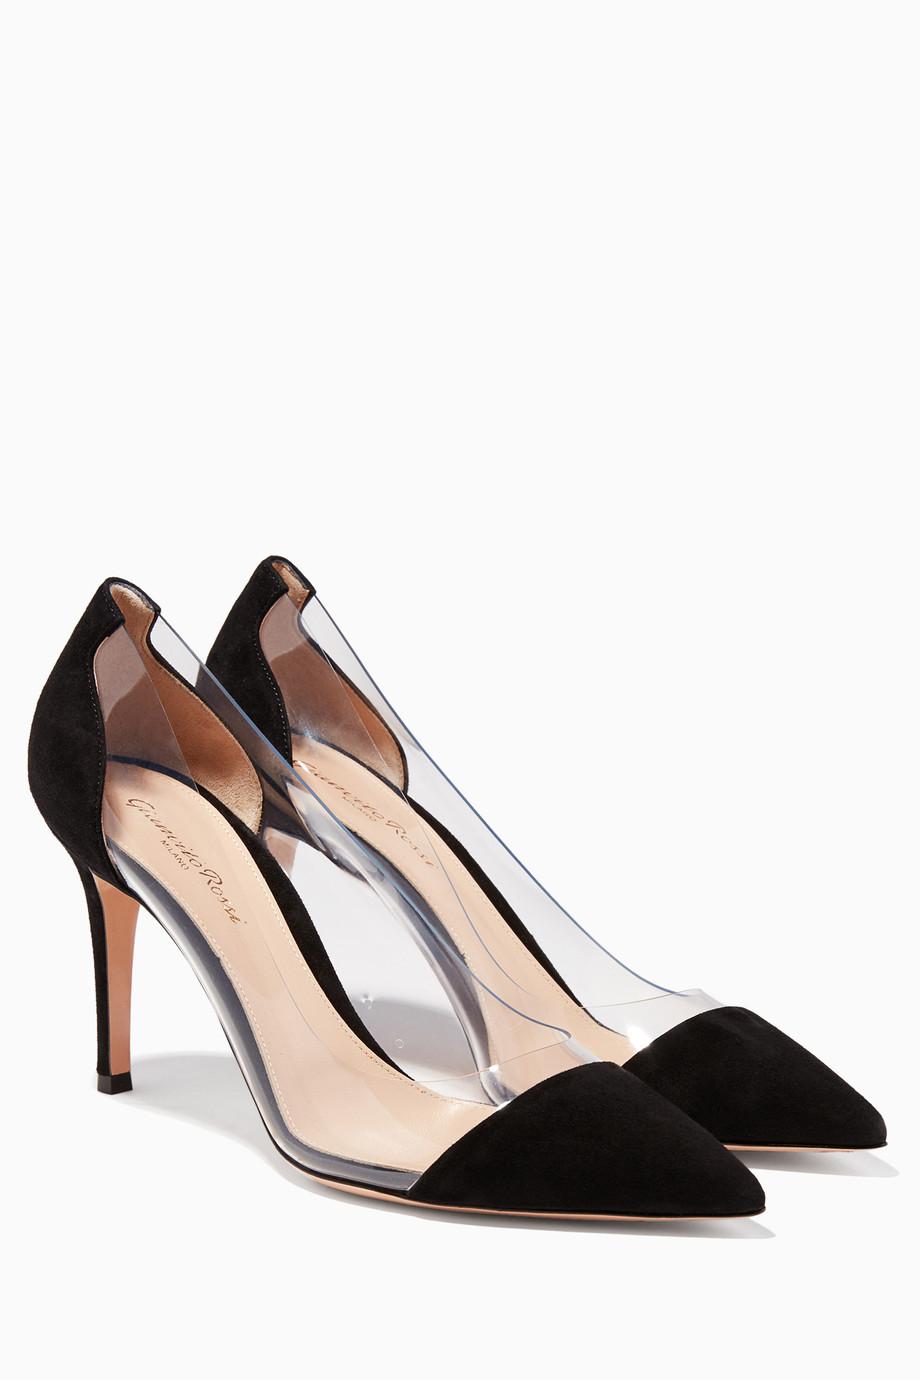 47cb983cccccd تسوق حذاء جلد غزال أسود شفاف من الجانبين Gianvito Rossi أسود للنساء ...